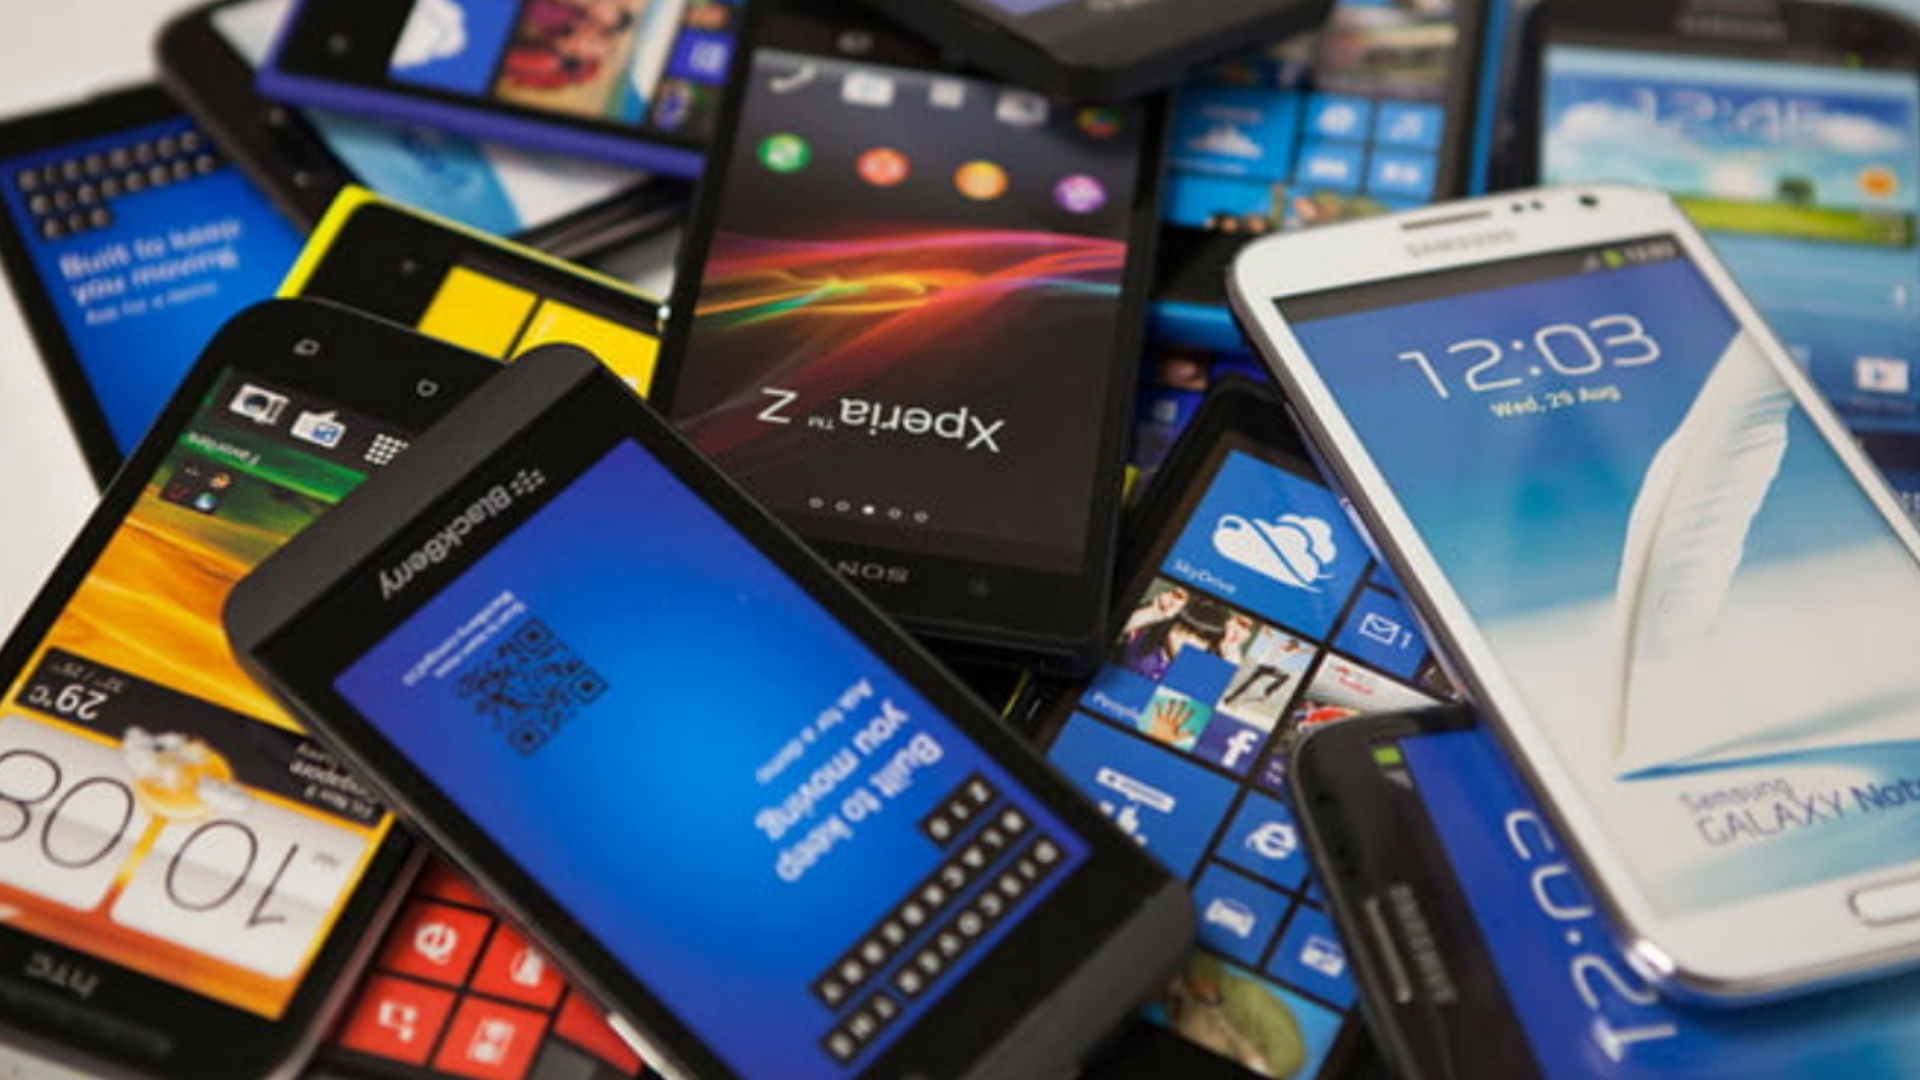 ২০১৯ সালে যারা নতুন মোবাইল কিনতে চান তাদের উদ্দেশ্যে কিছু কথা- In 2010, some things about those who want to buy new mobile phones